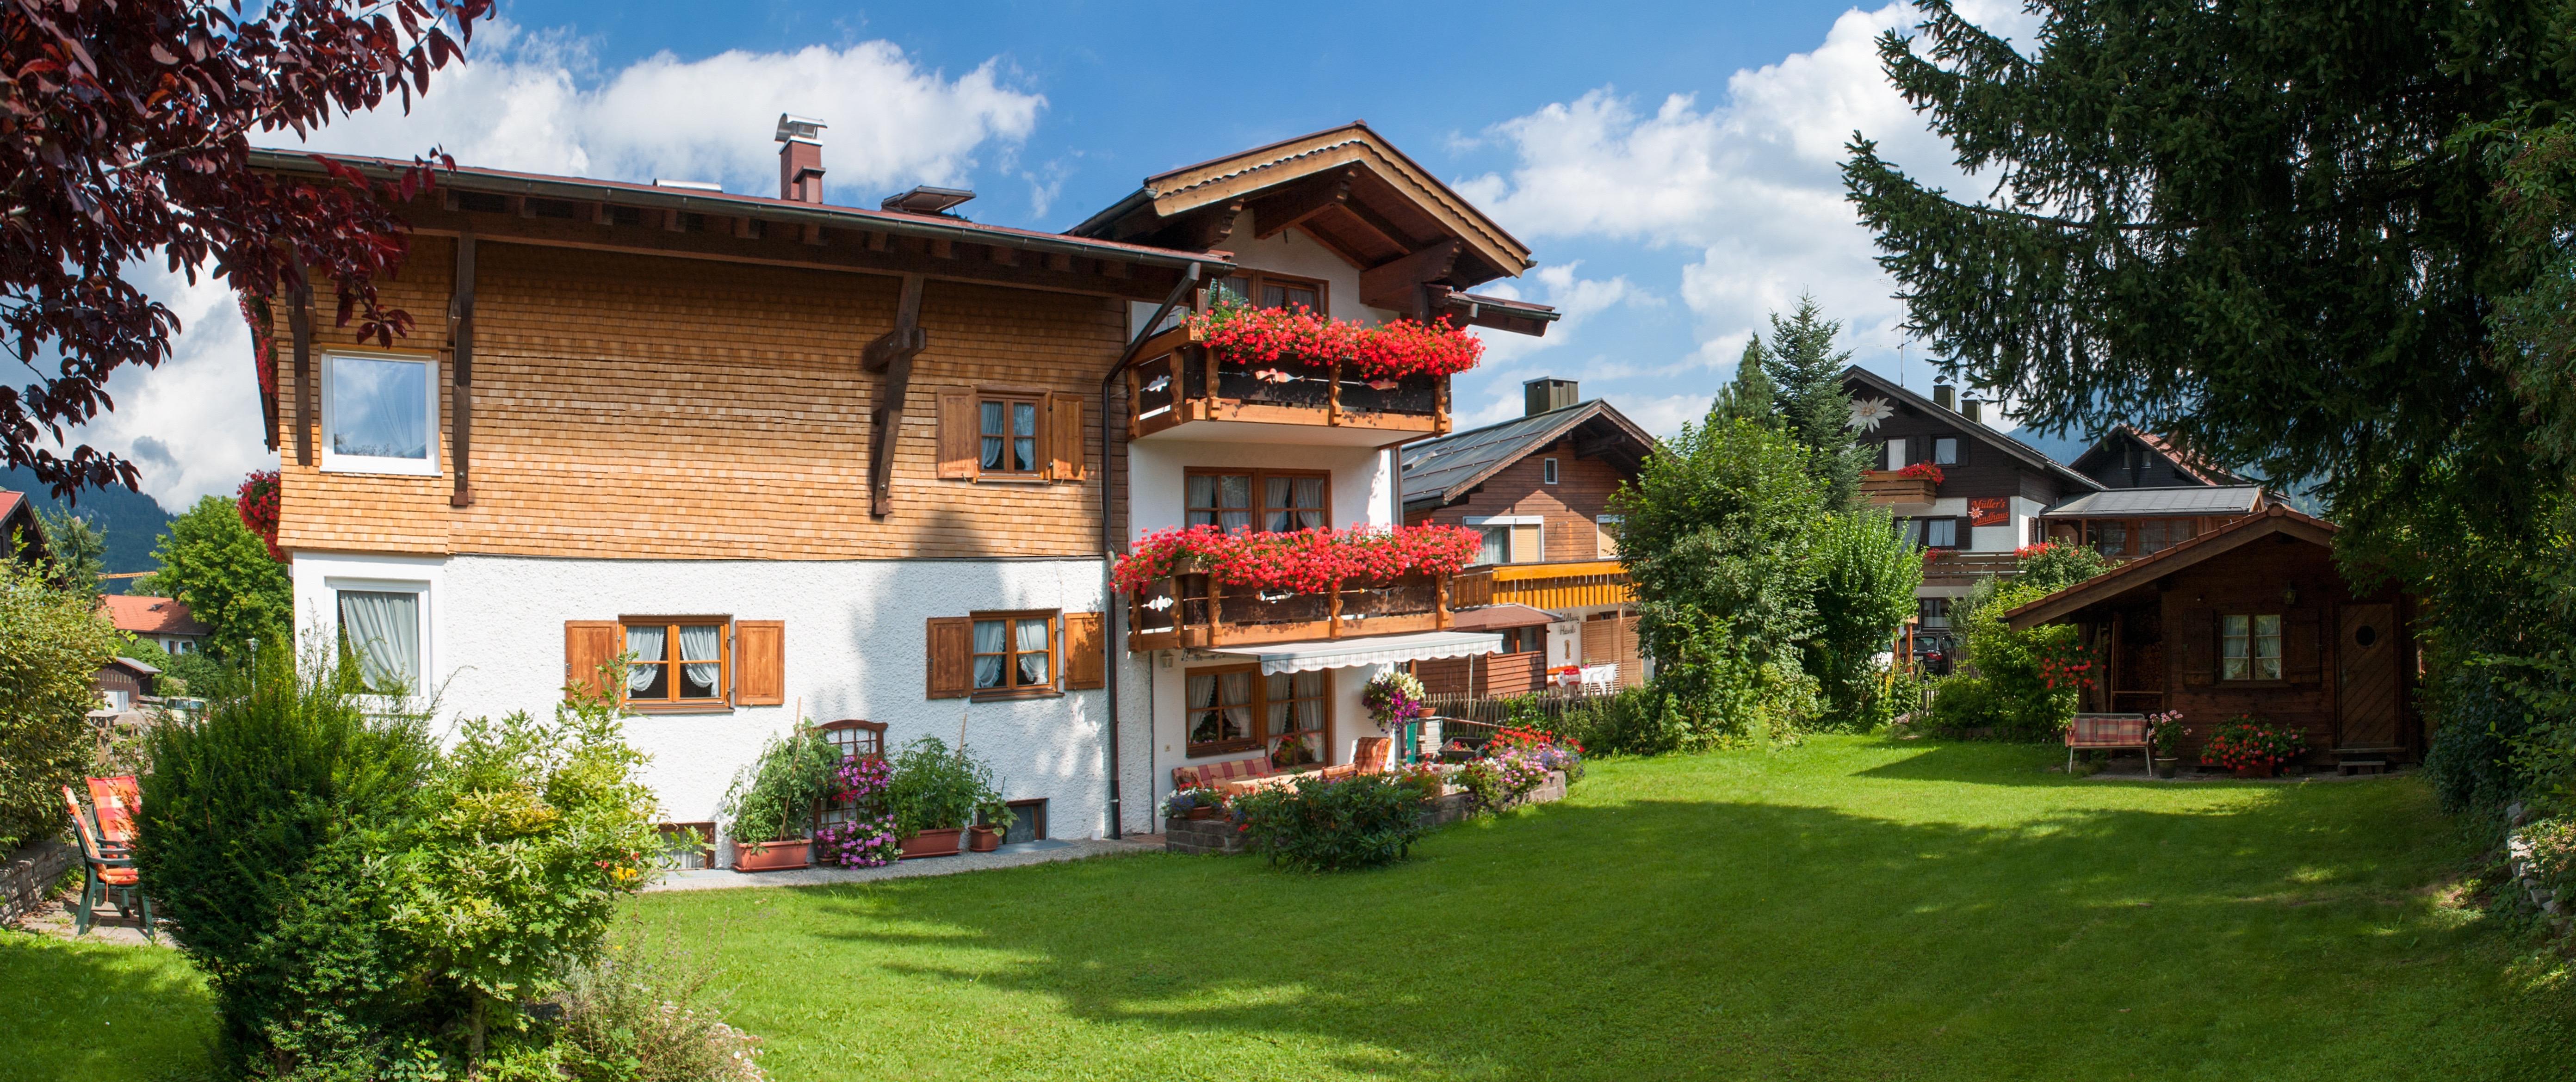 Ferienwohnung Landhaus Mayer / Kategorie 3 (2397449), Oberstdorf, Allgäu (Bayern), Bayern, Deutschland, Bild 5